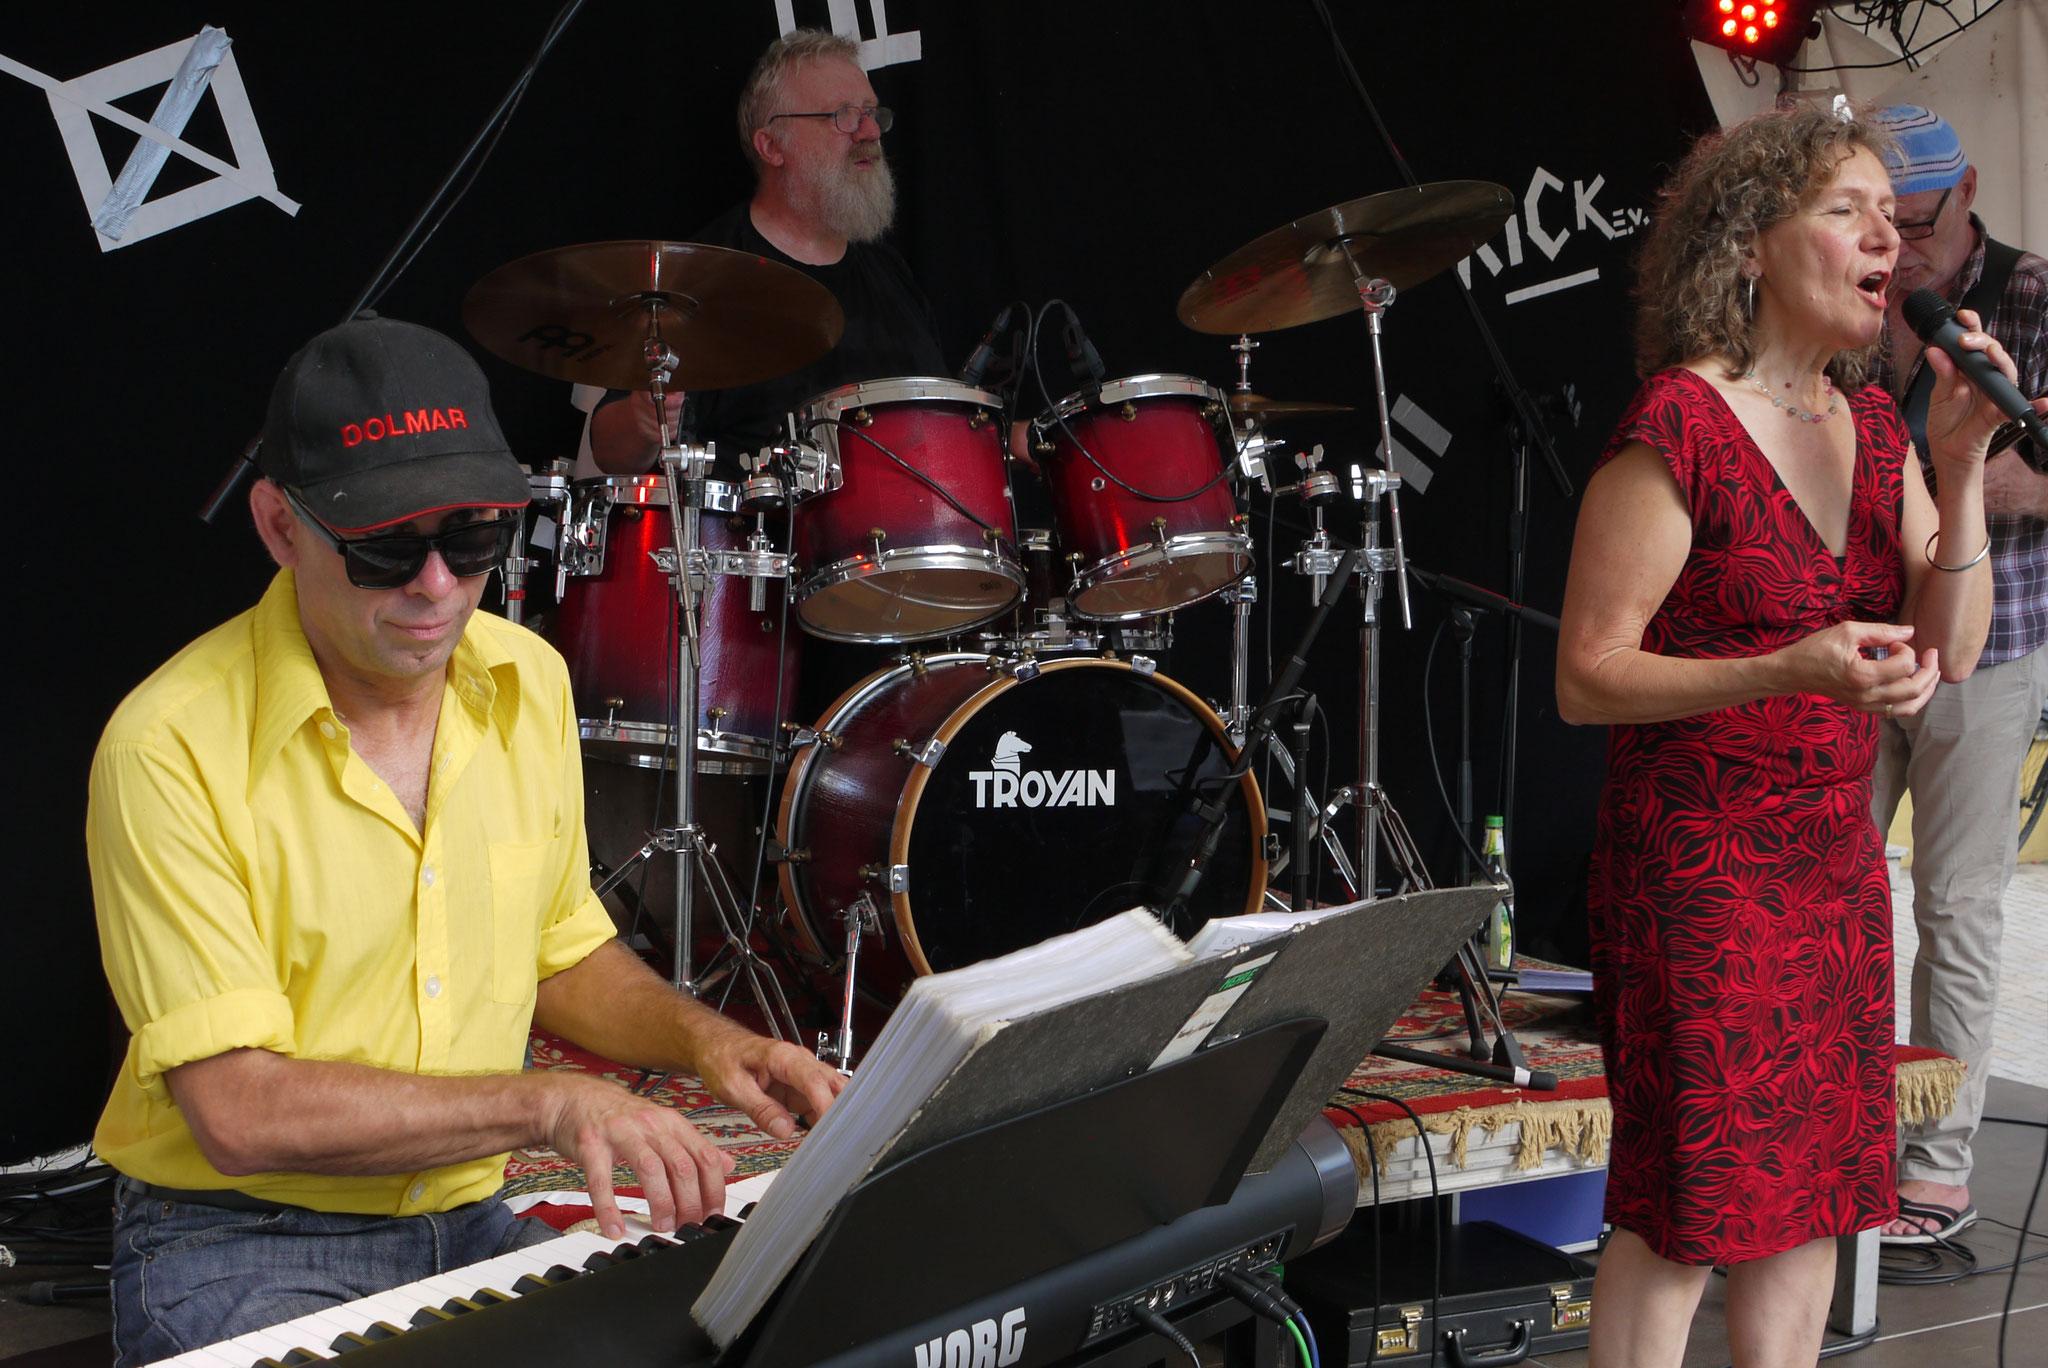 05.08.2018 Jazz auf dem Altstadtfest Hersbruck mit mit Jockel Peter Streb (p), Dieter Feist (b), Uwe Zapala (dr), Georgina